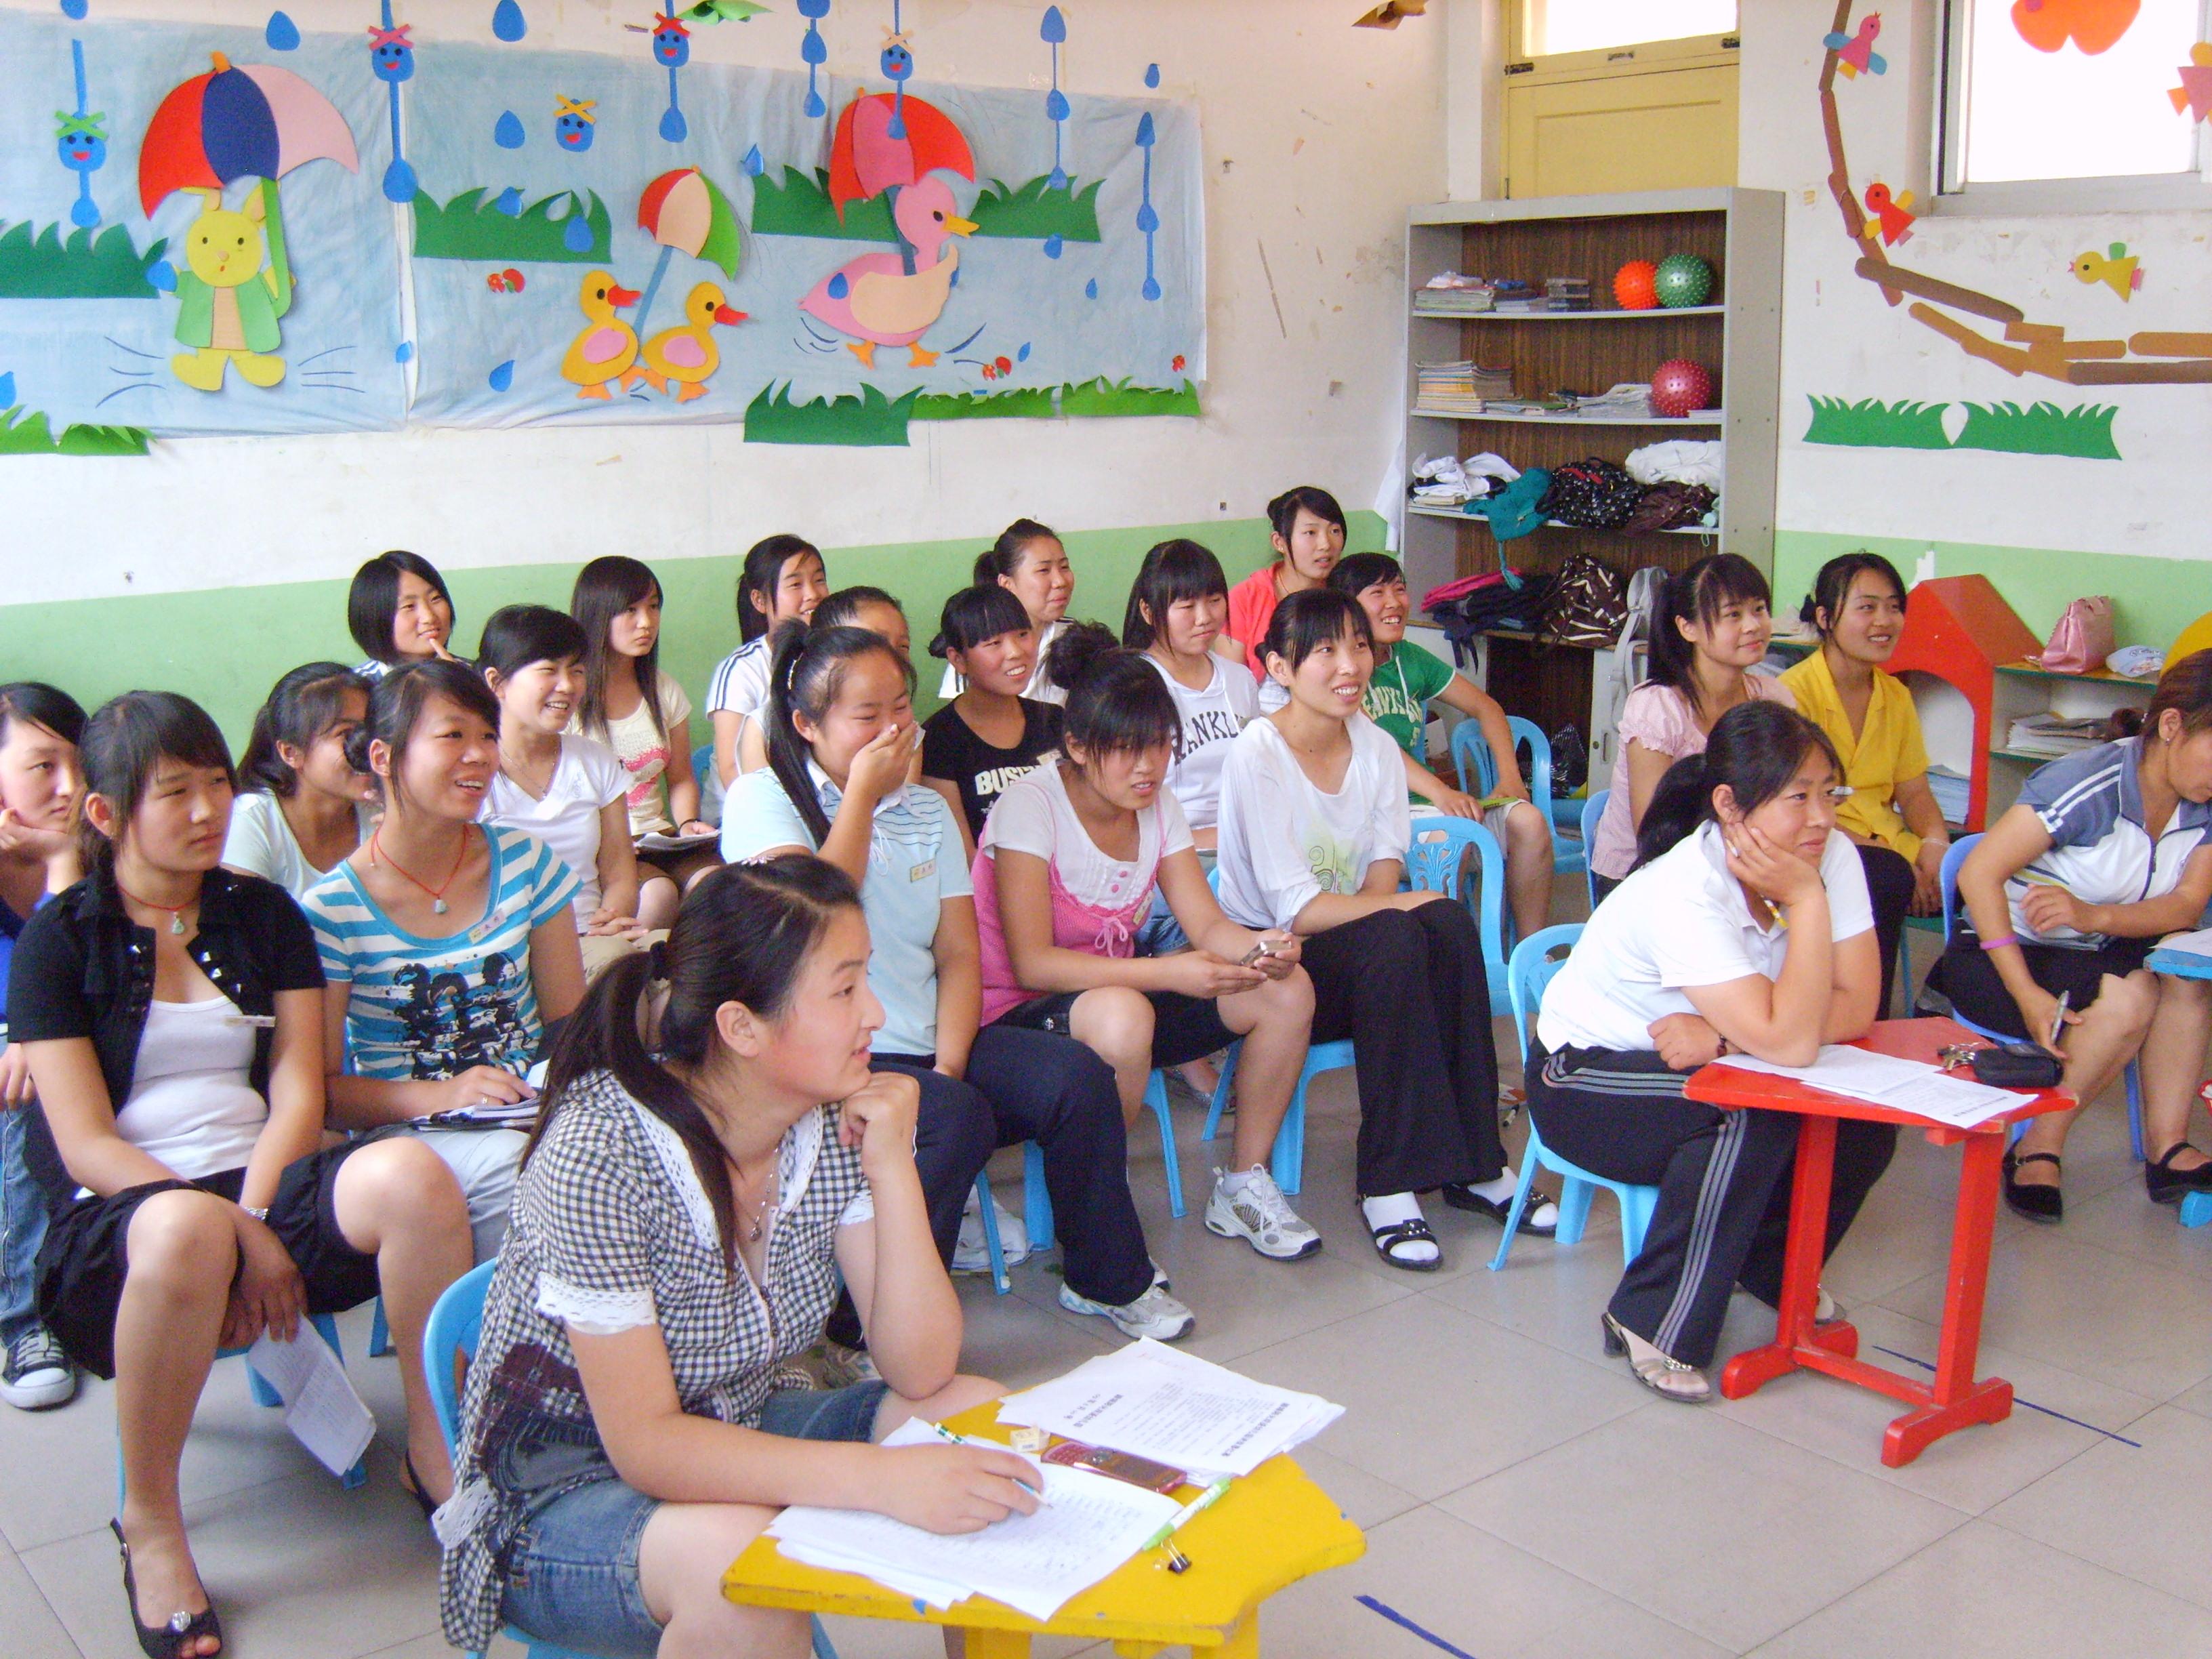 聊城阳光双语幼儿园教师技能考核